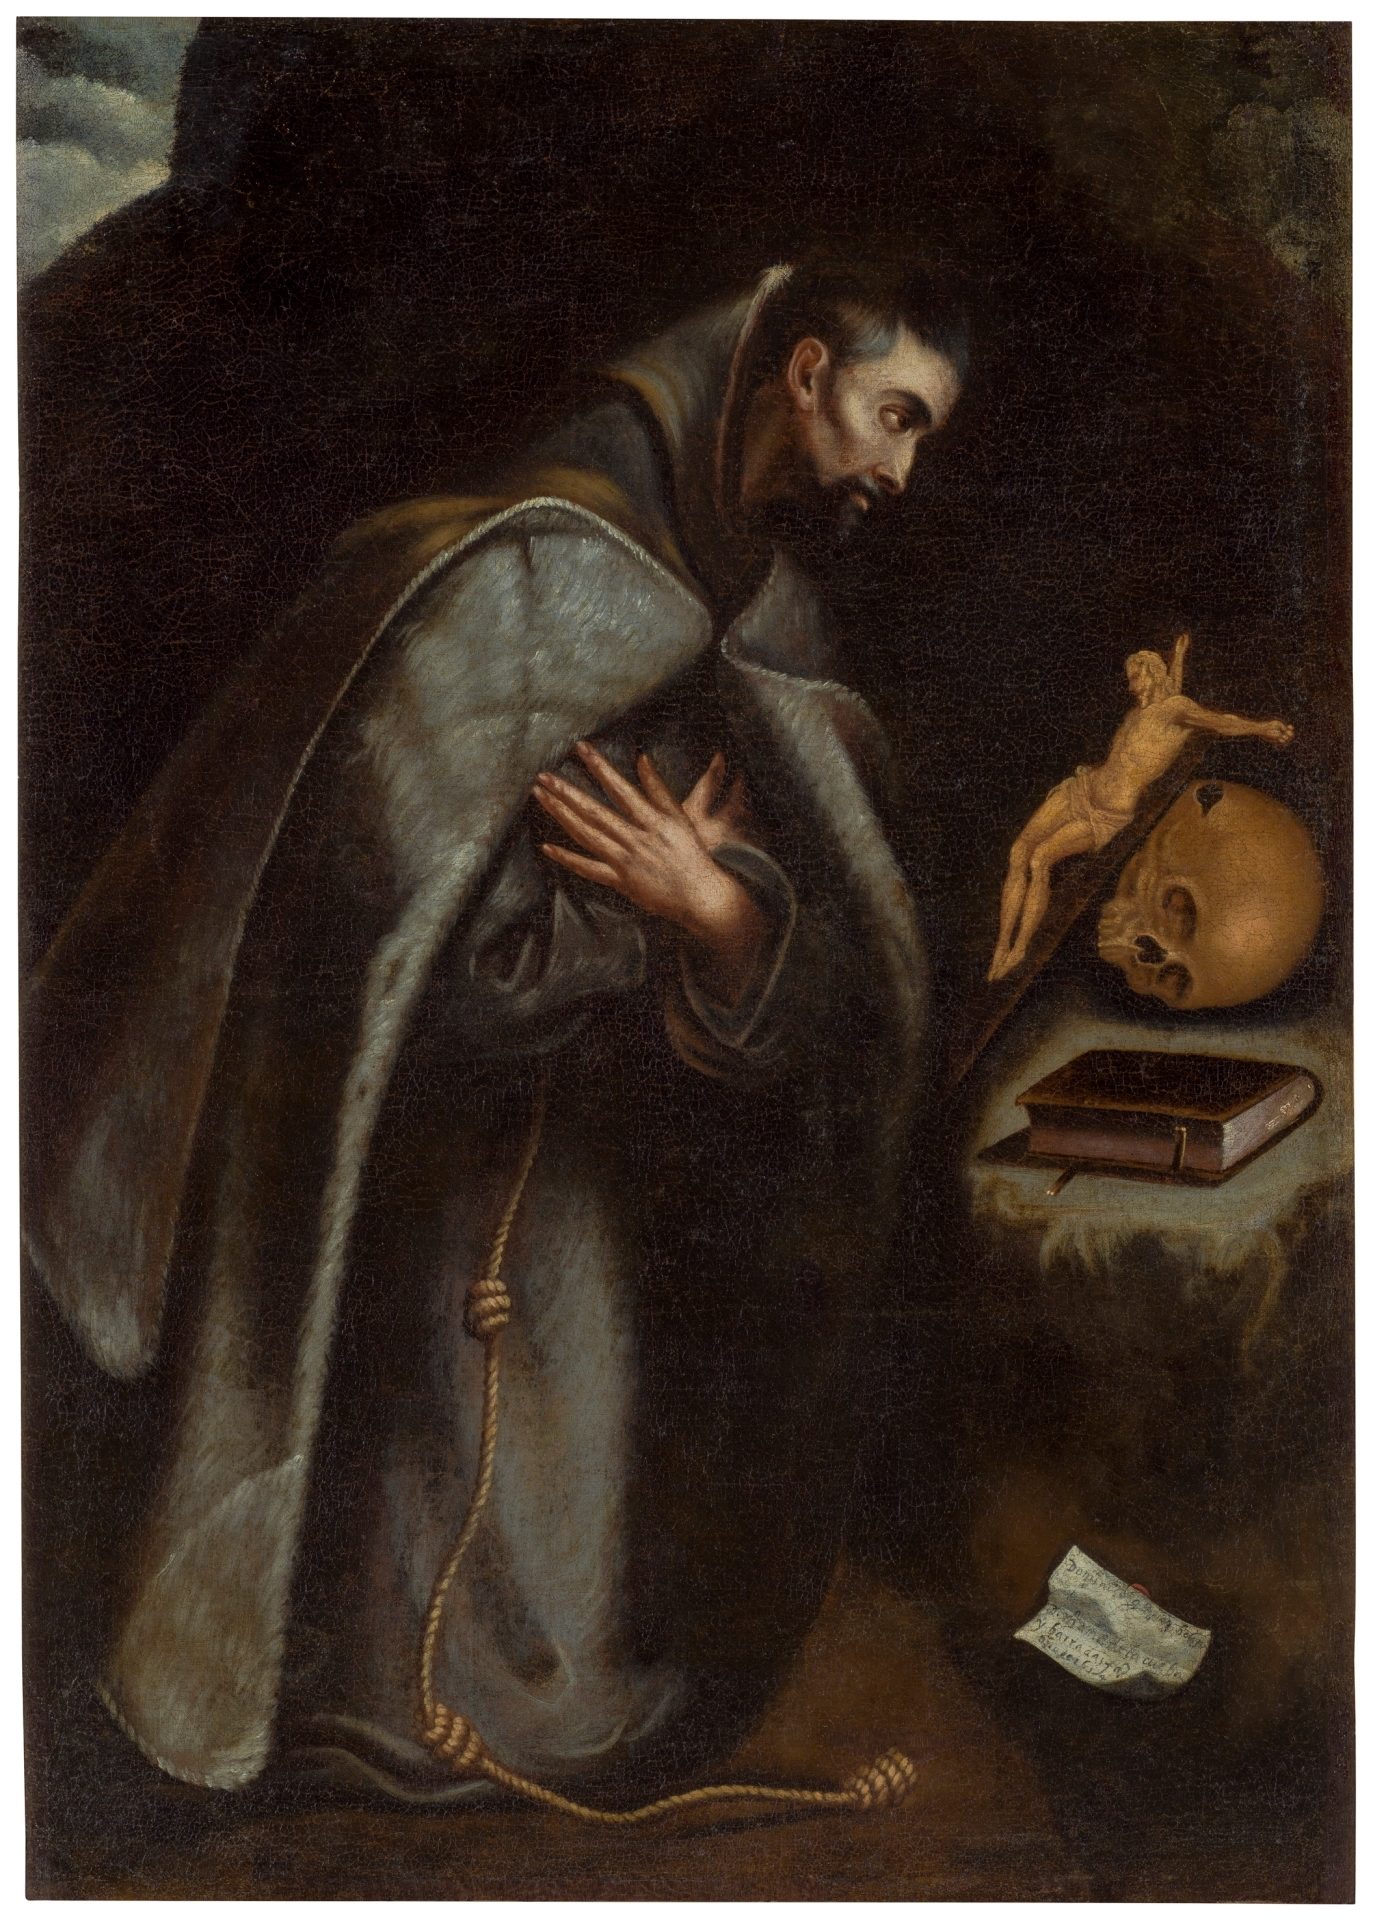 san-francisco-arrodillado-en-meditacion-mariana-de-la-cueva.jpg